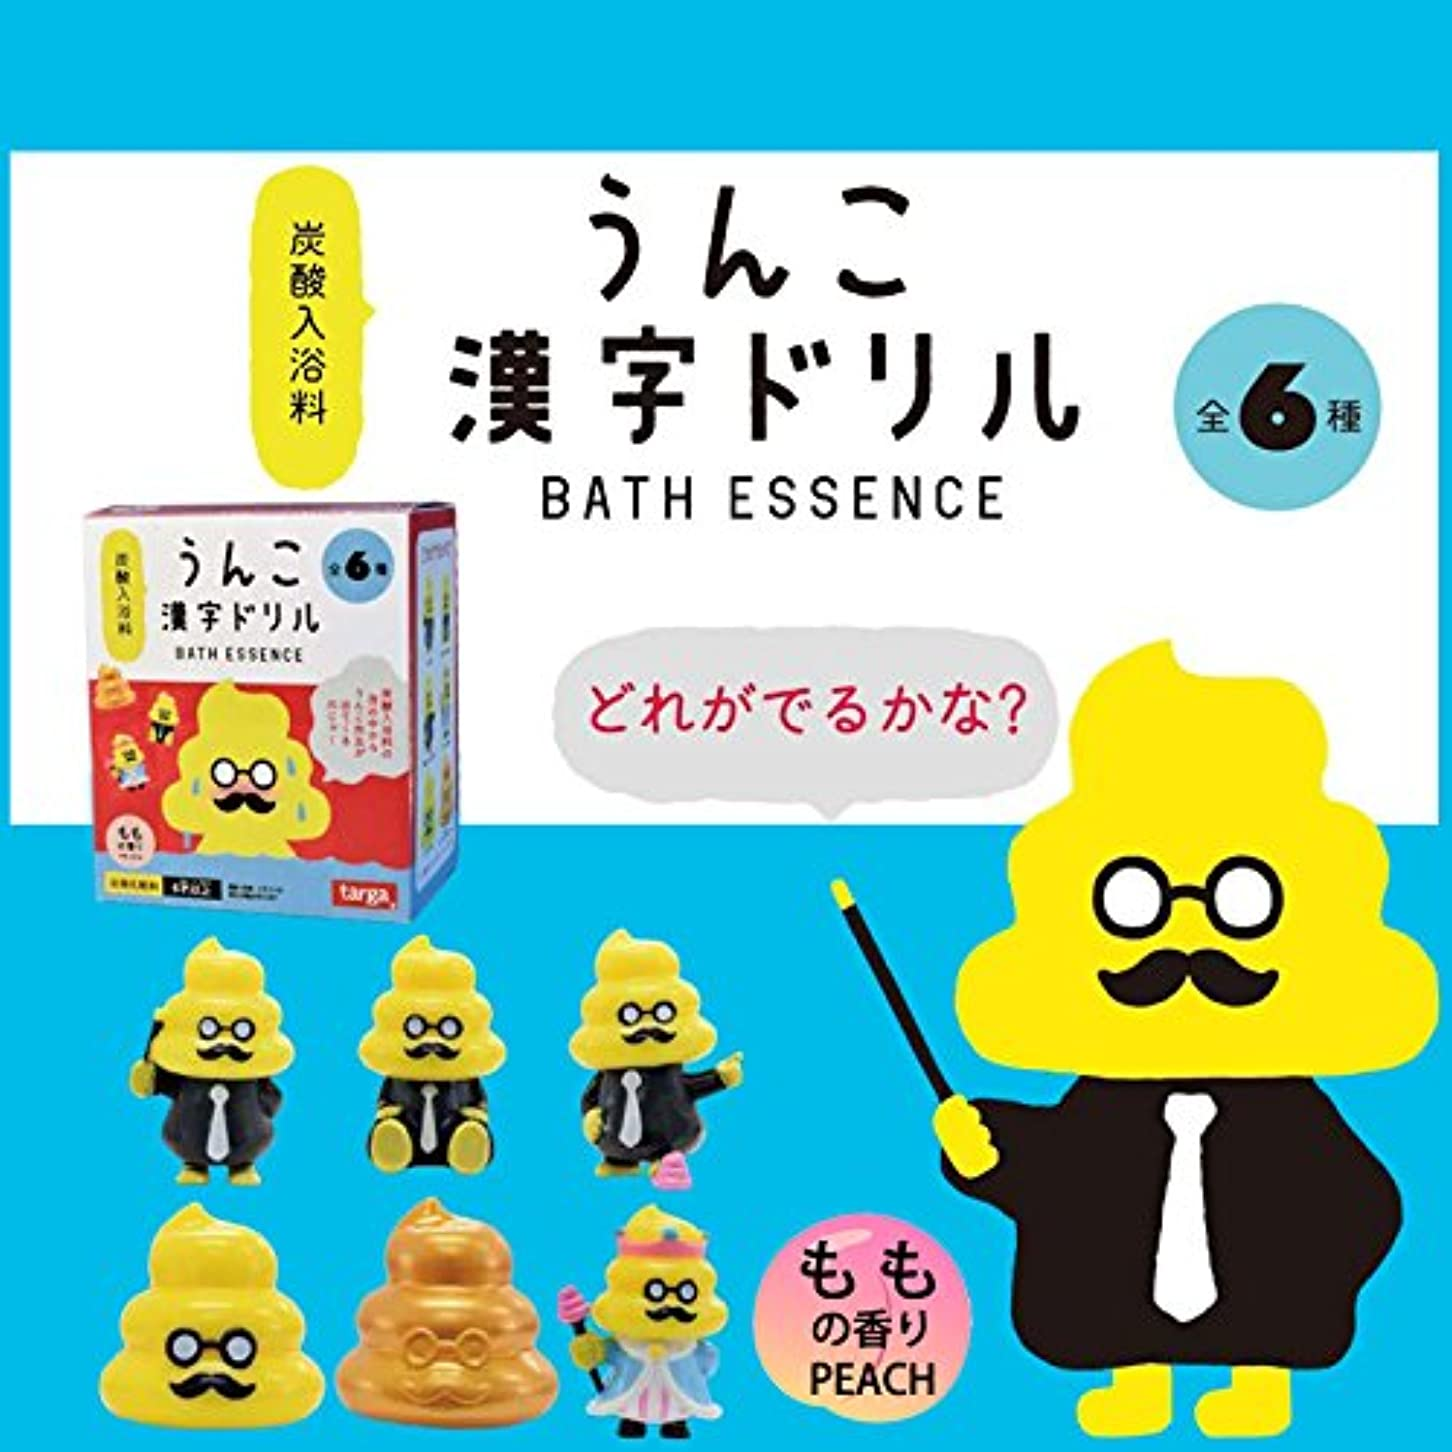 セーブ修理工会話型うんこ漢字ドリル 炭酸入浴料 6個1セット 入浴剤